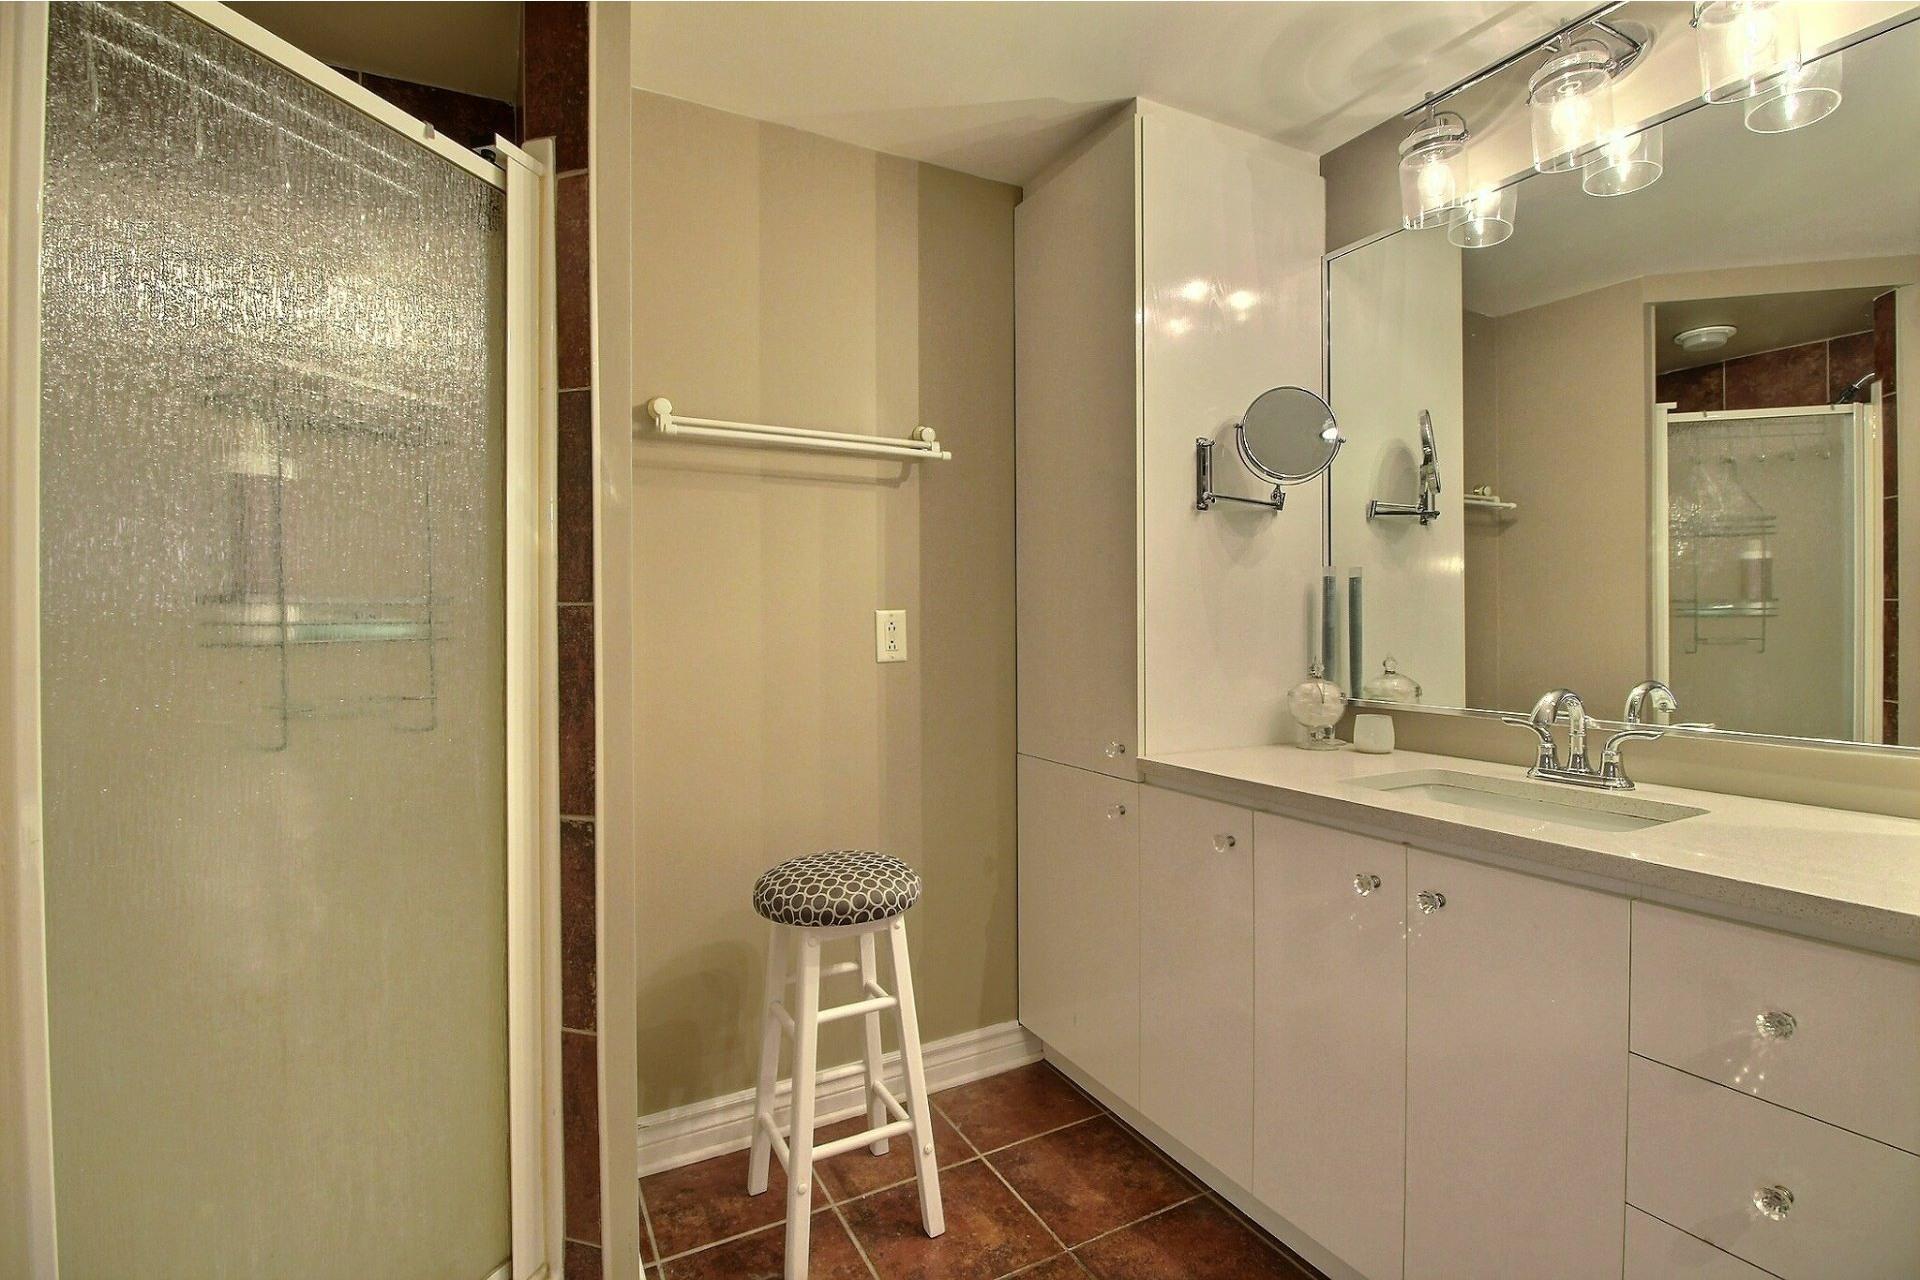 image 12 - Appartement À vendre Rivière-des-Prairies/Pointe-aux-Trembles Montréal  - 7 pièces